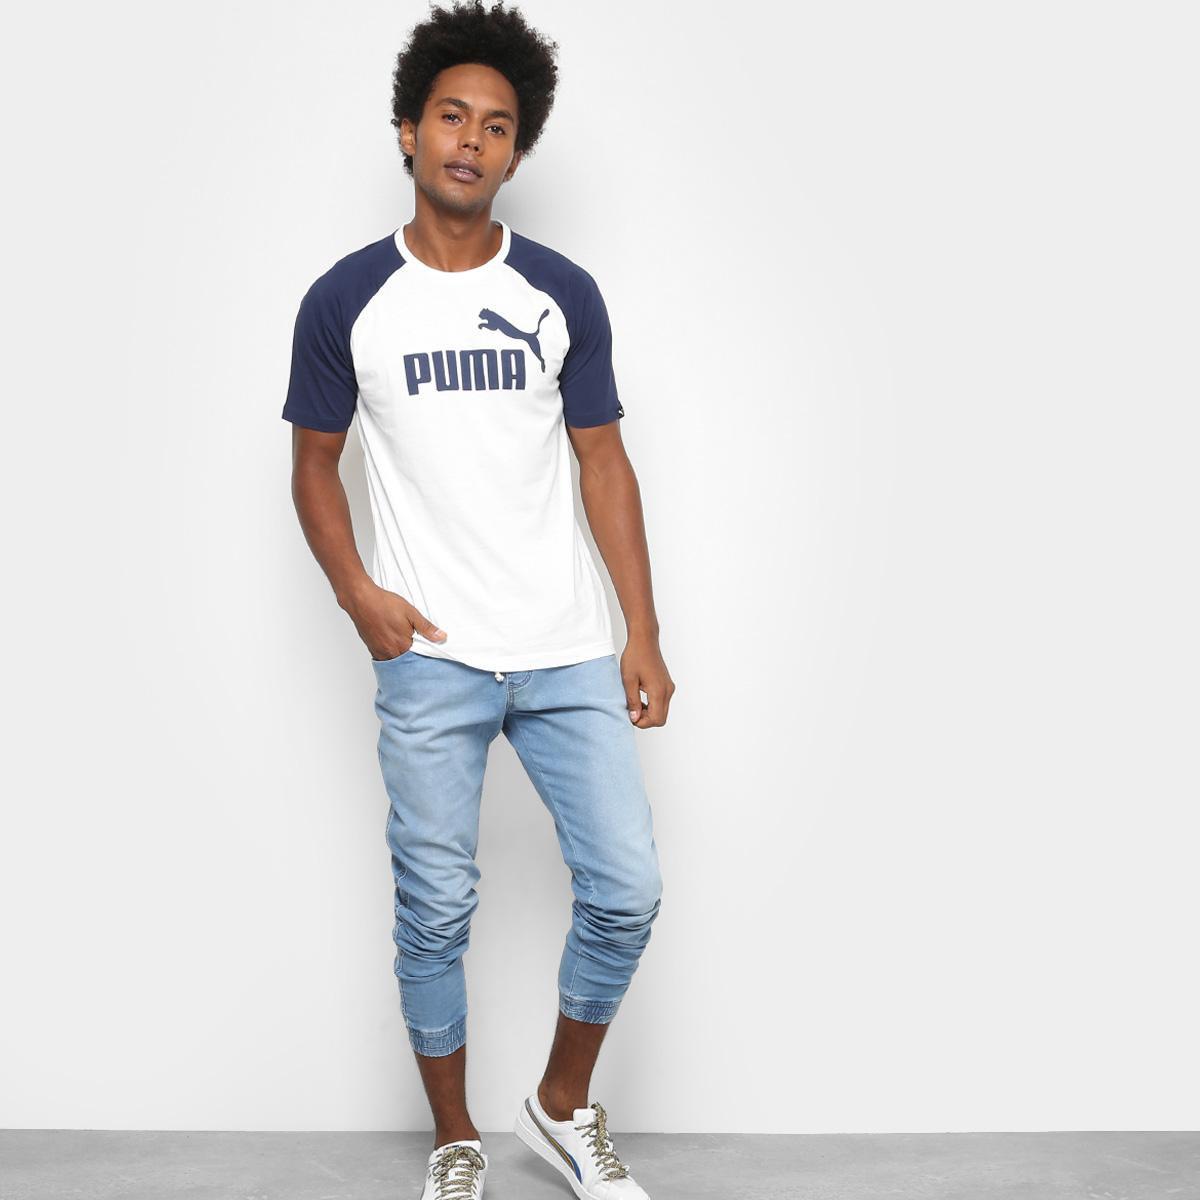 728dca8c4e Camiseta Puma No.1 Logo Raglan Masculina - Off White - Compre Agora ...